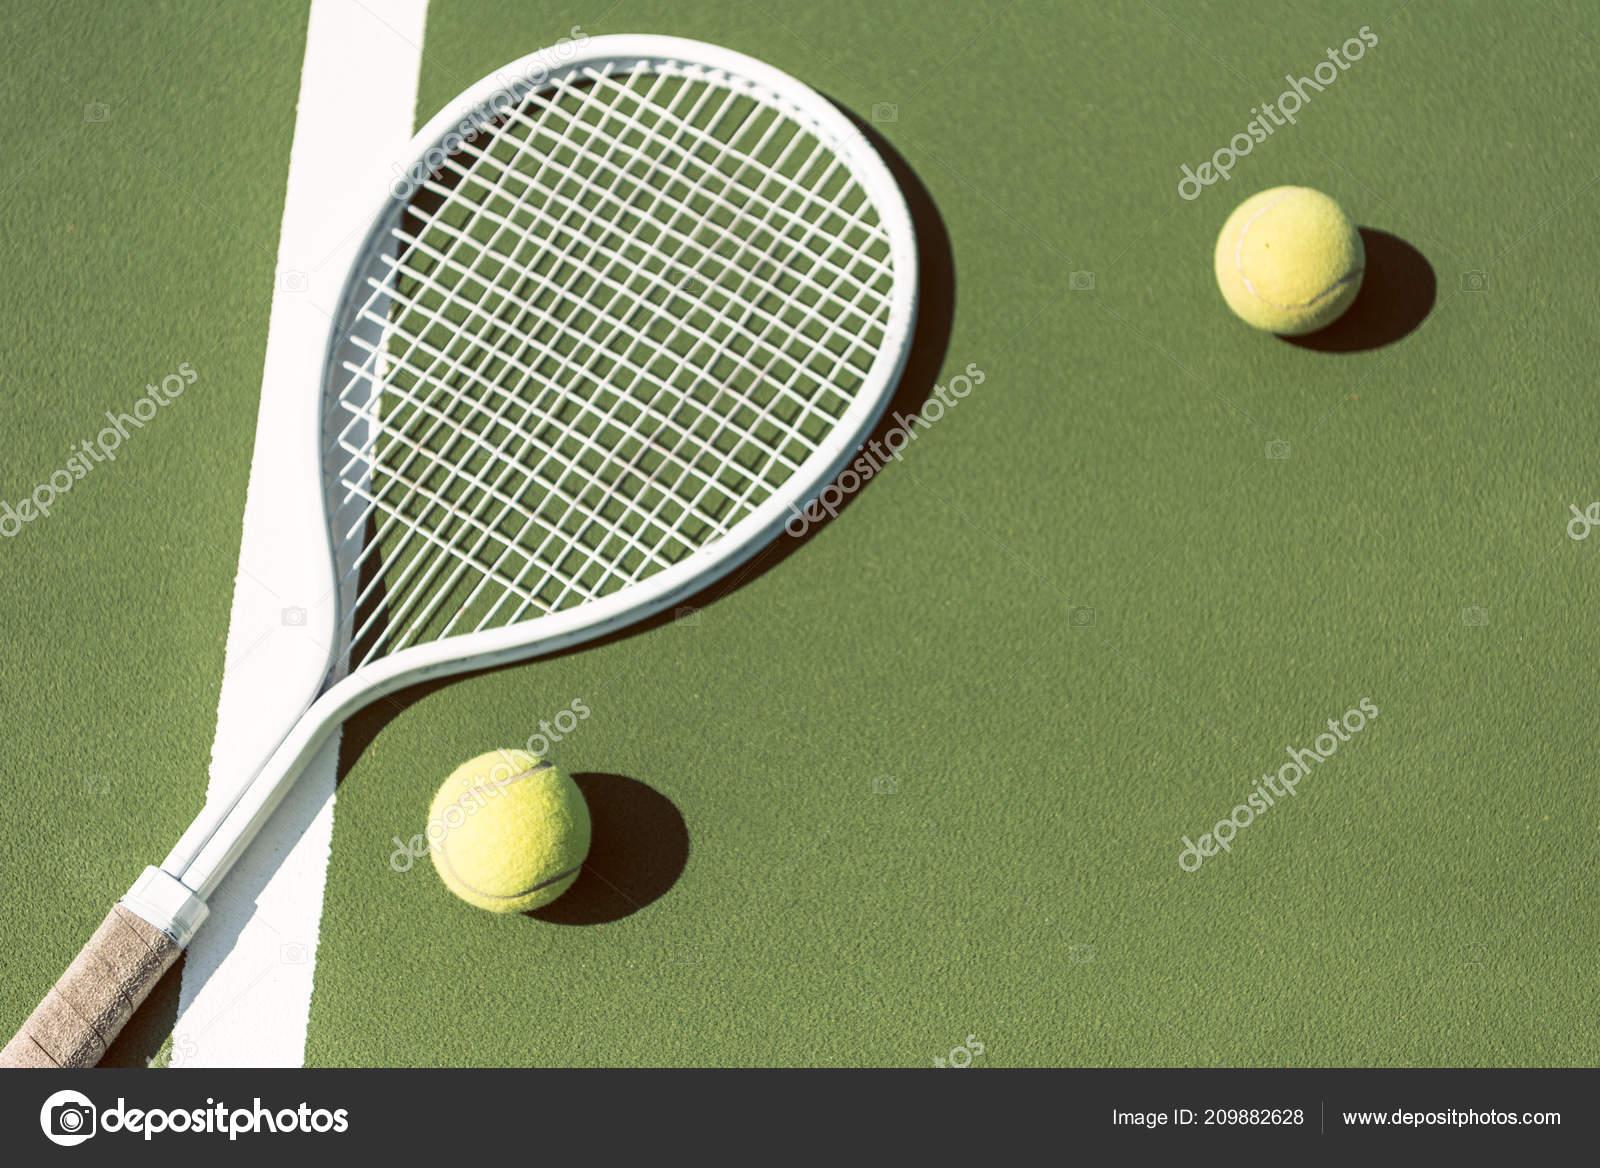 b5cba716c7c Zblízka Pohled Tenis Zařízení Zelený Tenisový Kurt — Stock fotografie